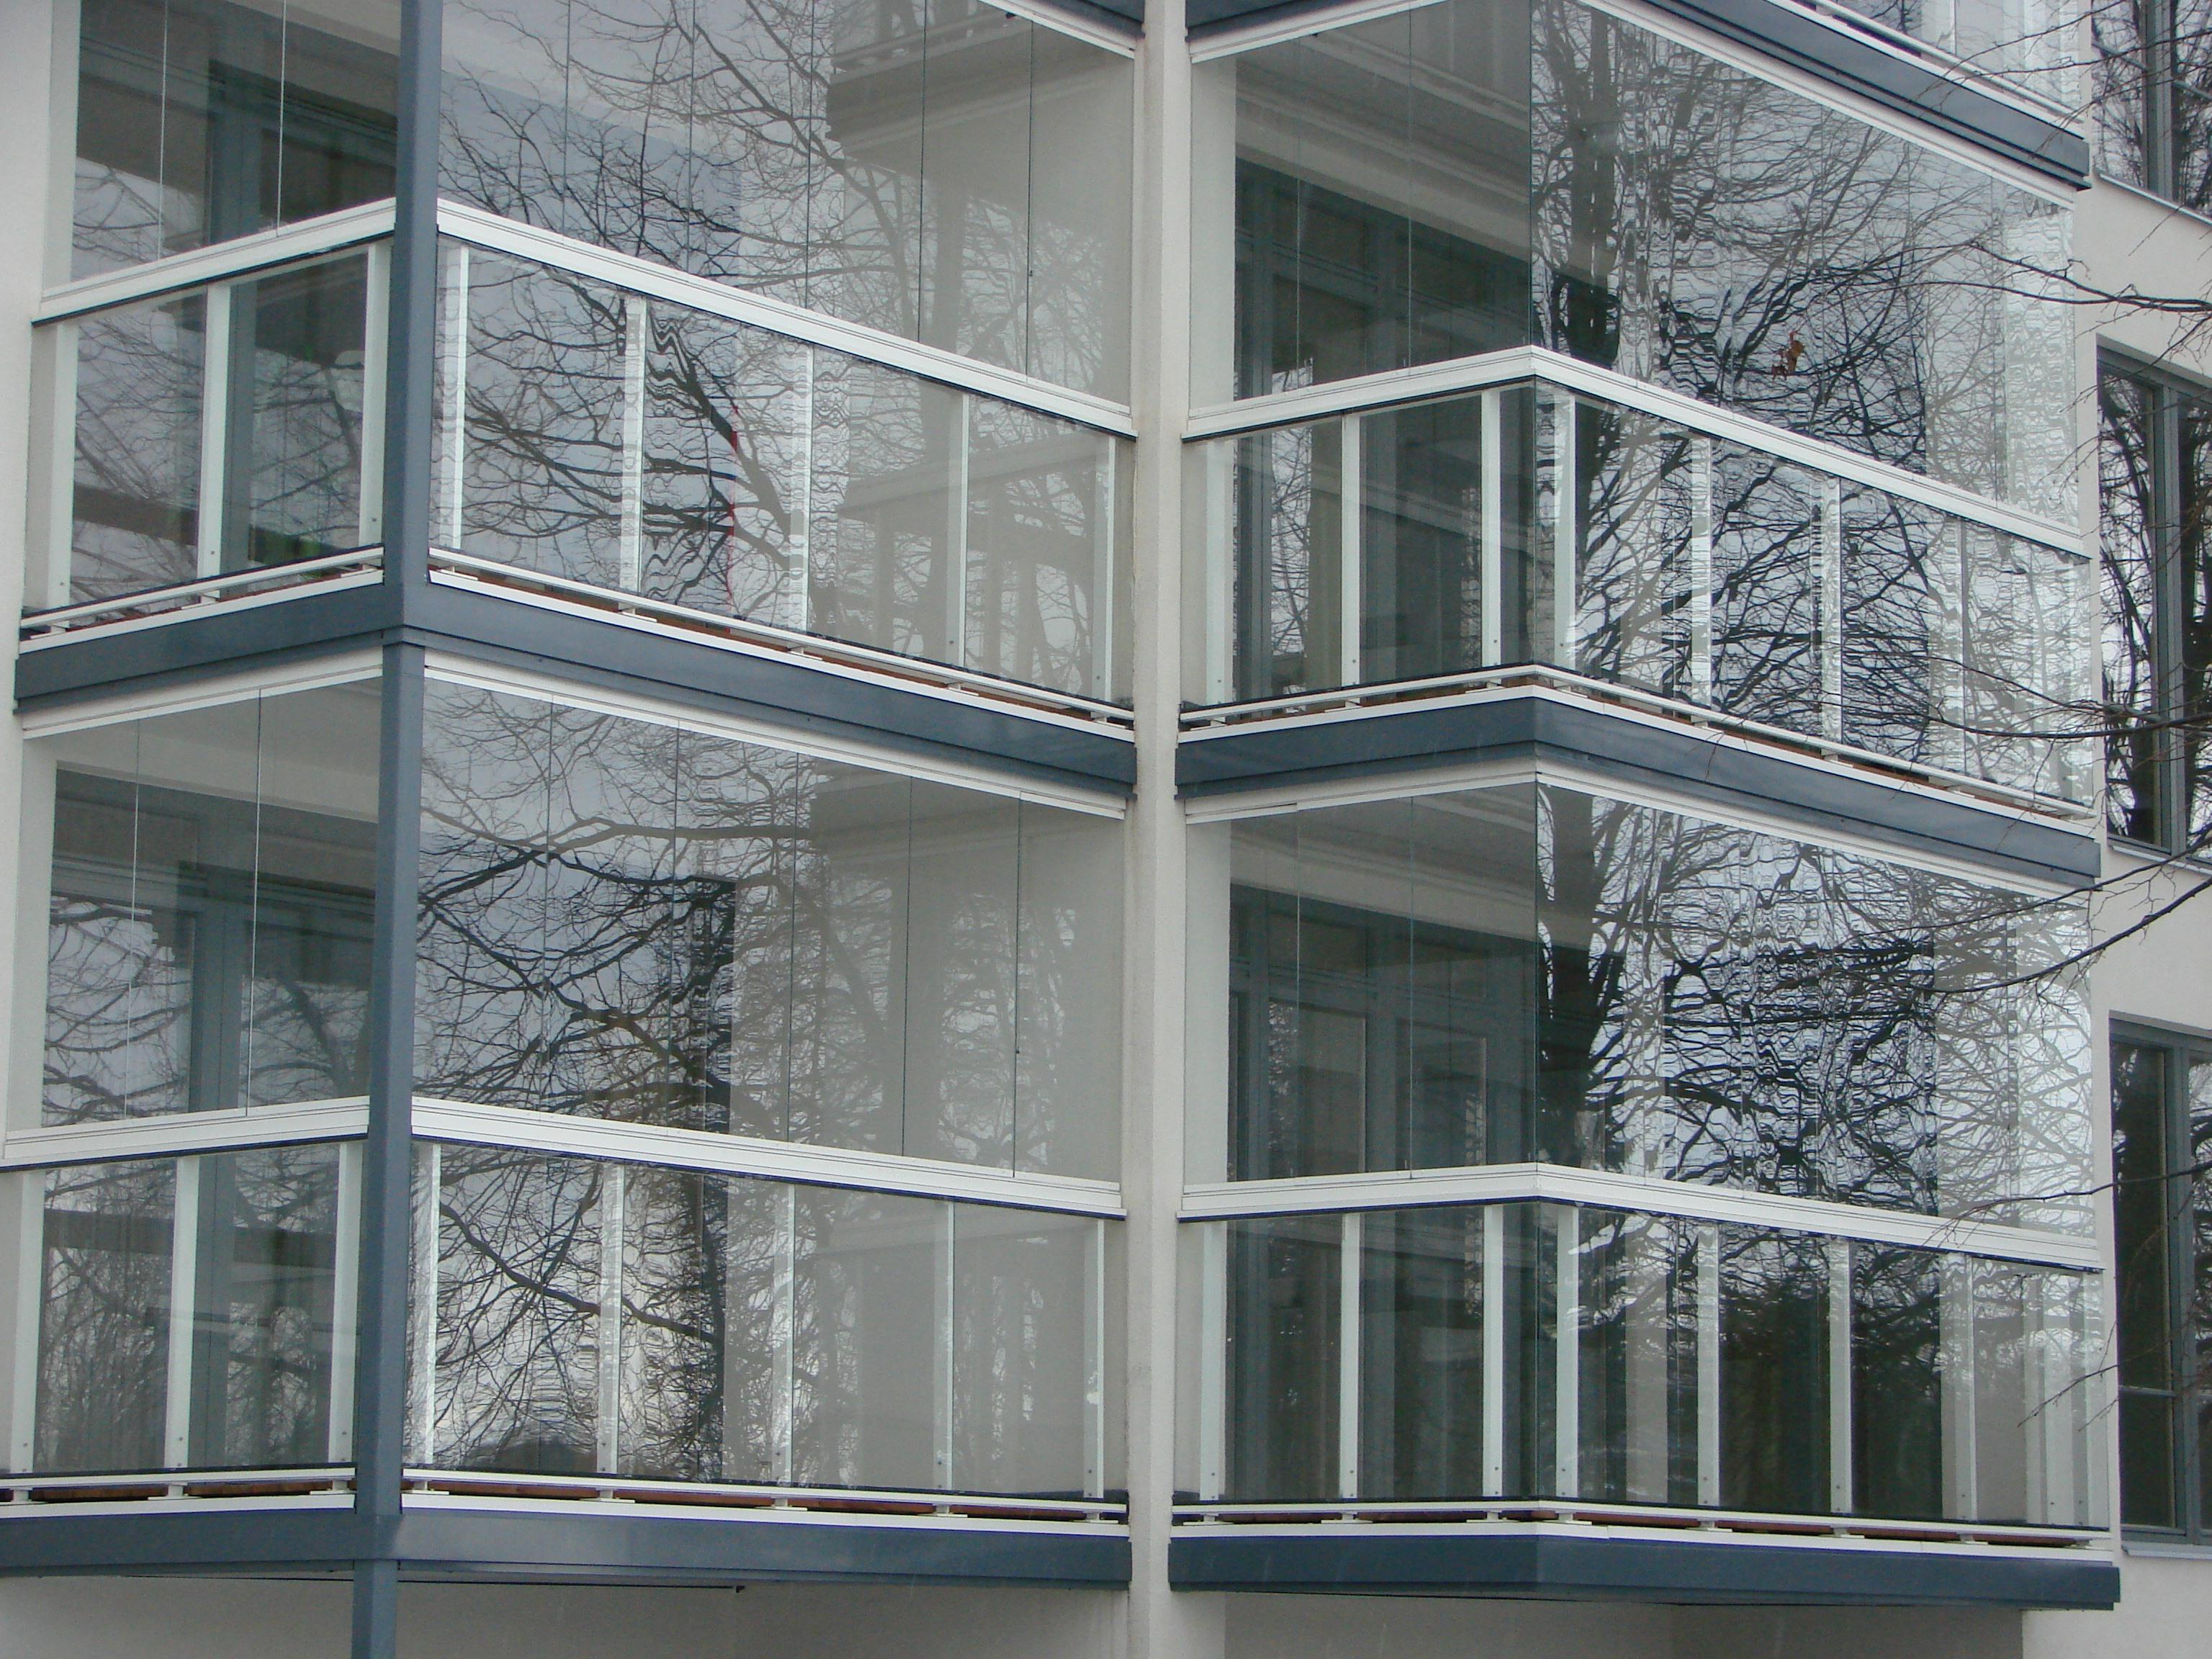 Балконные ограждения из металла при панорамном остеклении..